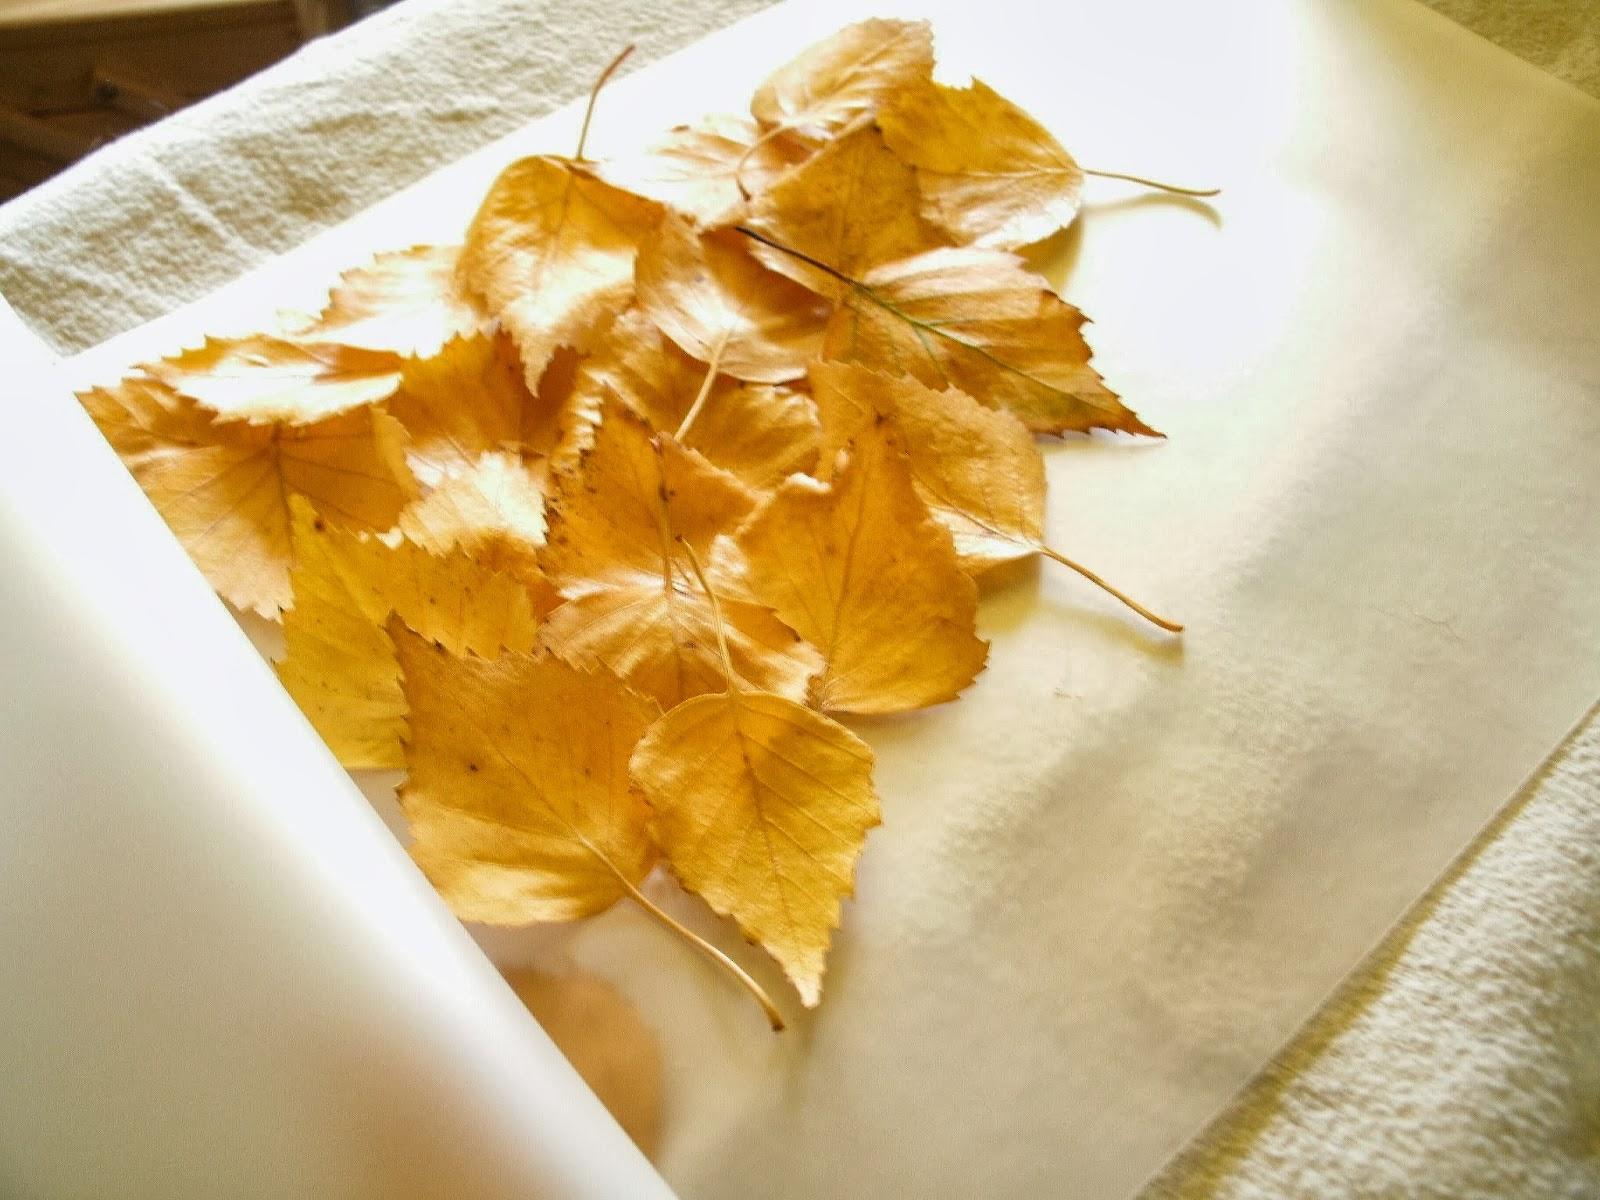 Kochloeffel Und Nadelkissen Herbstlaub Laterne Eine